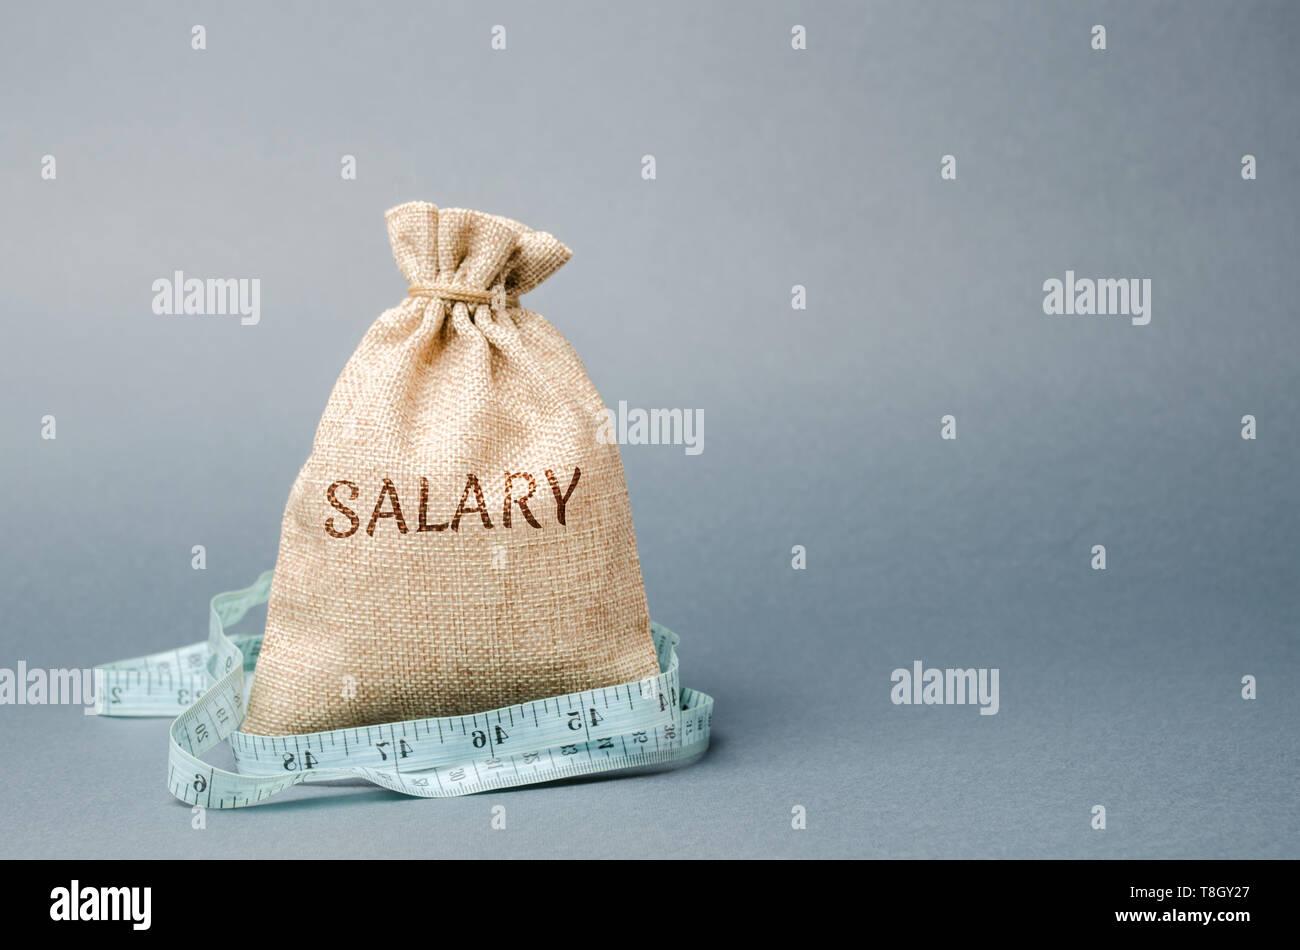 Bolsa de dinero con la palabra salario y cinta métrica. Los recortes salariales. El concepto de beneficio limitado. La falta de dinero y de la pobreza. Los pequeños ingresos. La reducción de los salarios. Foto de stock